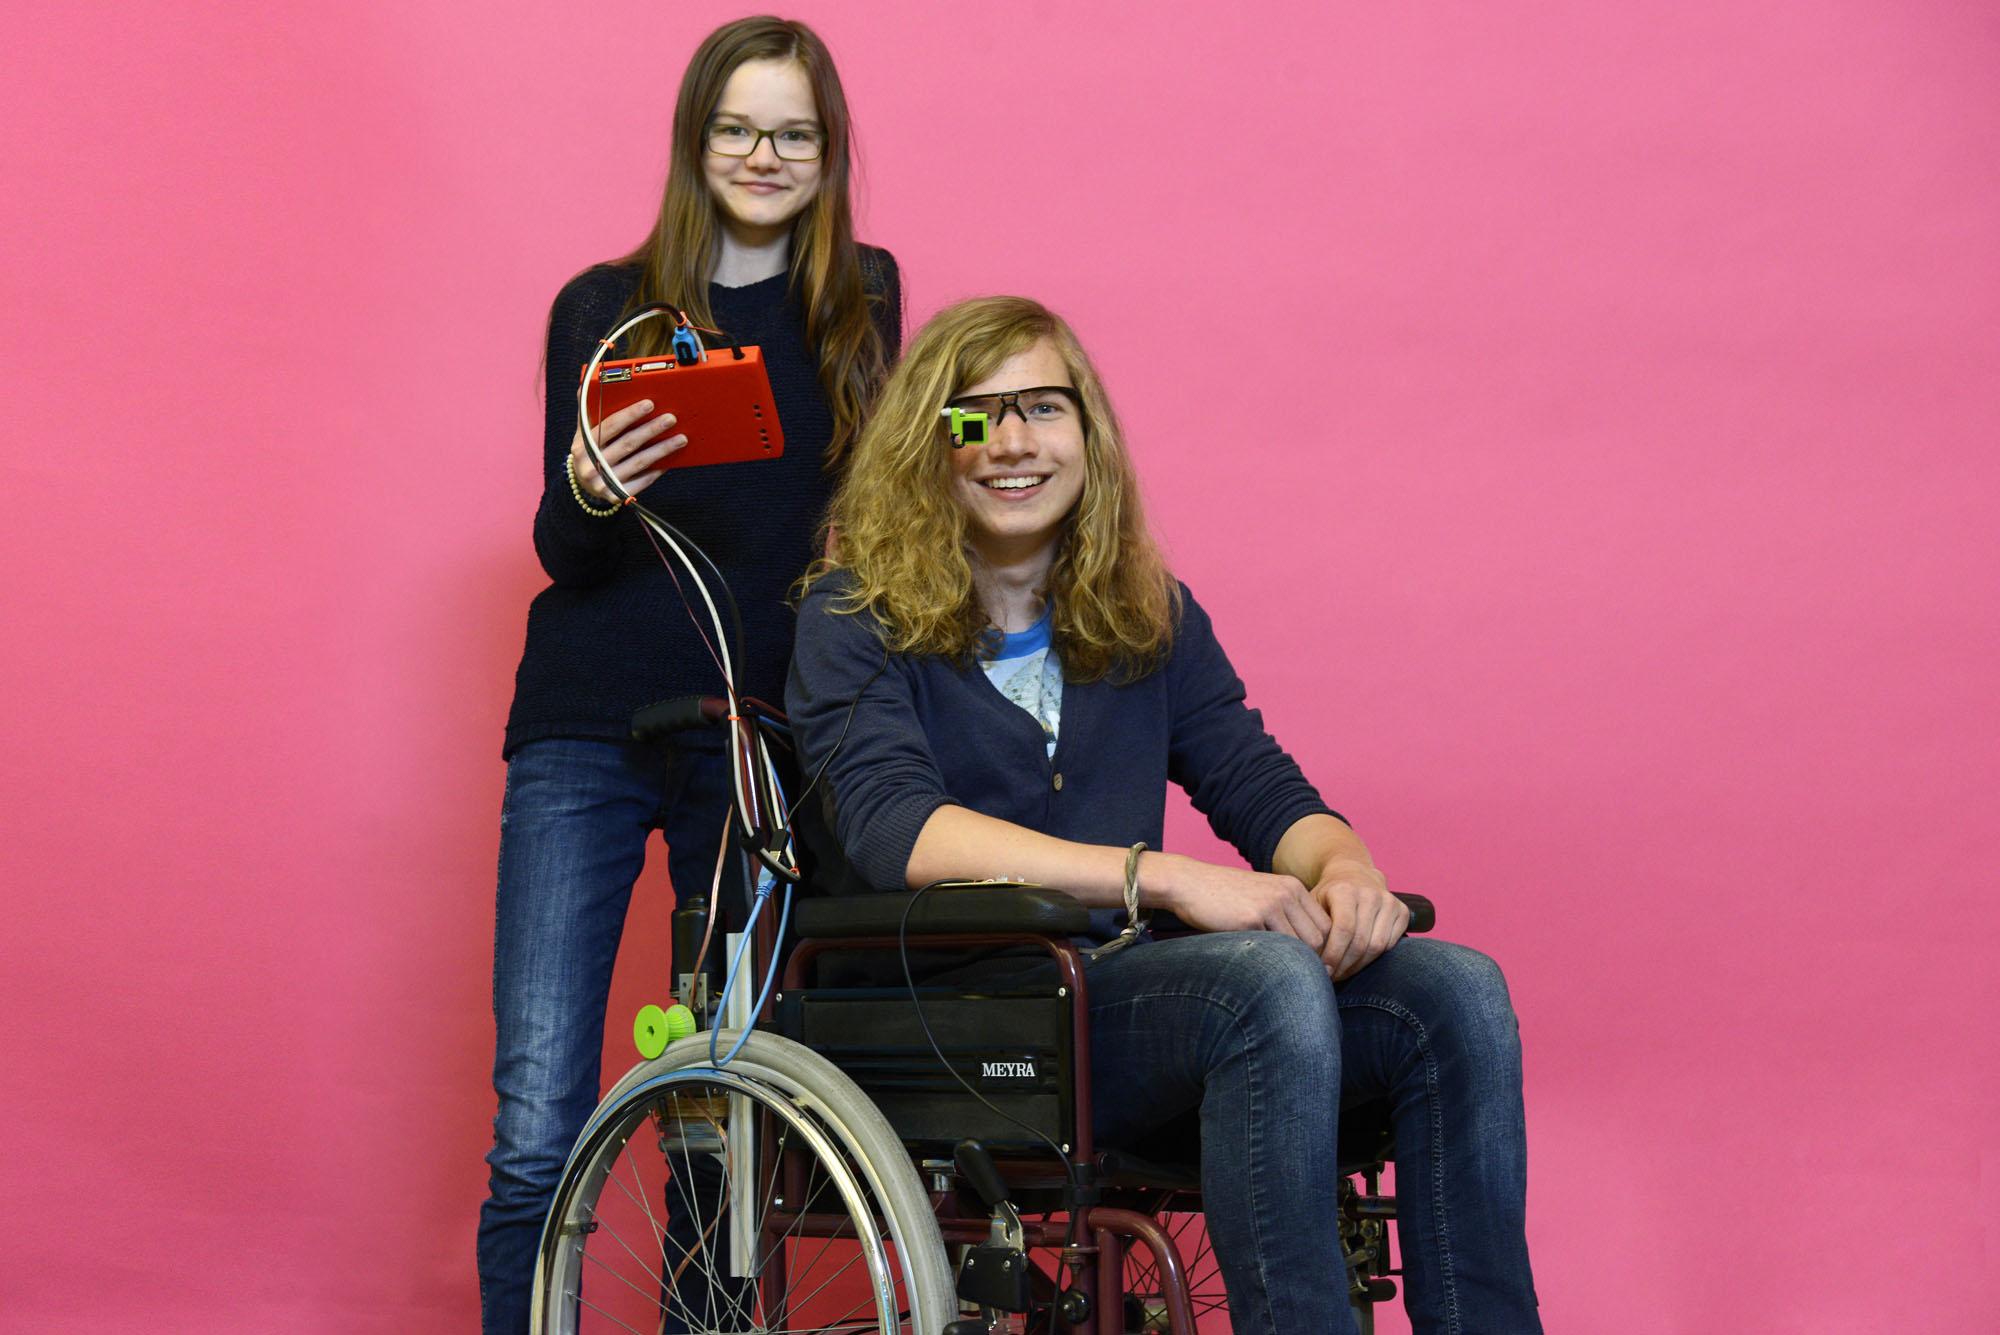 Auge steuert Rollstuhl – Eyetracking mit OpenCV